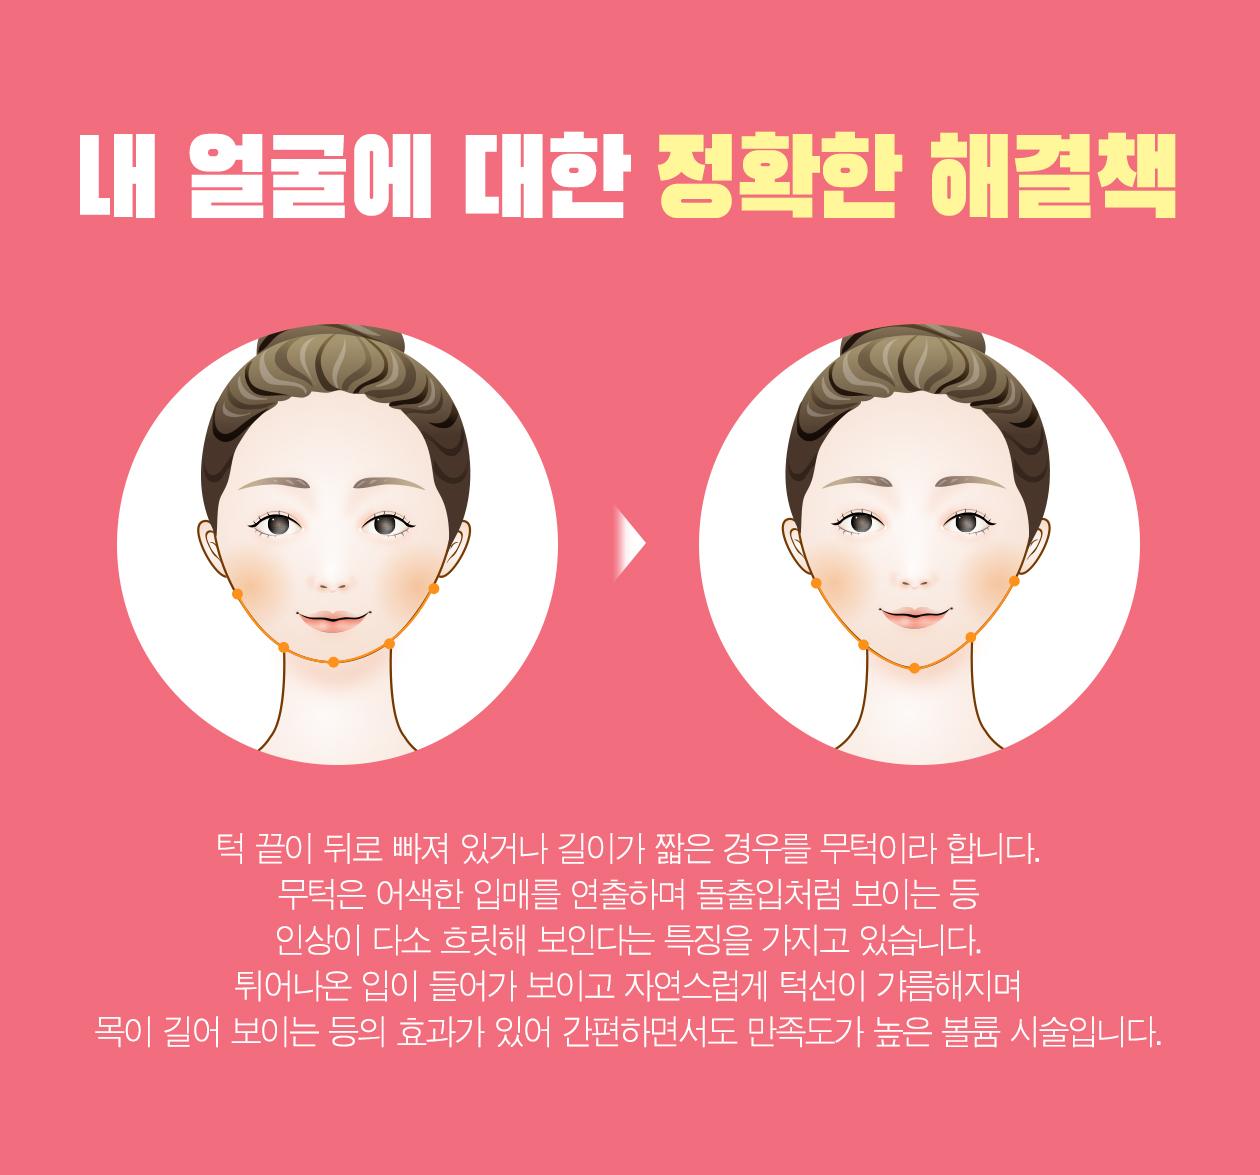 강남 신논현역 피부과 성형외과 라벨라 턱 끝이 뒤로 빠져 있거나 길이가 짧은 경우를 무턱이라 합니다. 무턱은 어색한 입매를 연출하며 돌출입처럼 보이는 등 인상이 다소 흐릿해 보인다는 특징을 가지고 있습니다. 튀어나온 입이 들어가 보이고 자연스럽게 턱선이 갸름해지며 목이 길어 보이는 등의 효과가 있어 간편하면서도 만족도가 높은 볼륨 시술입니다.